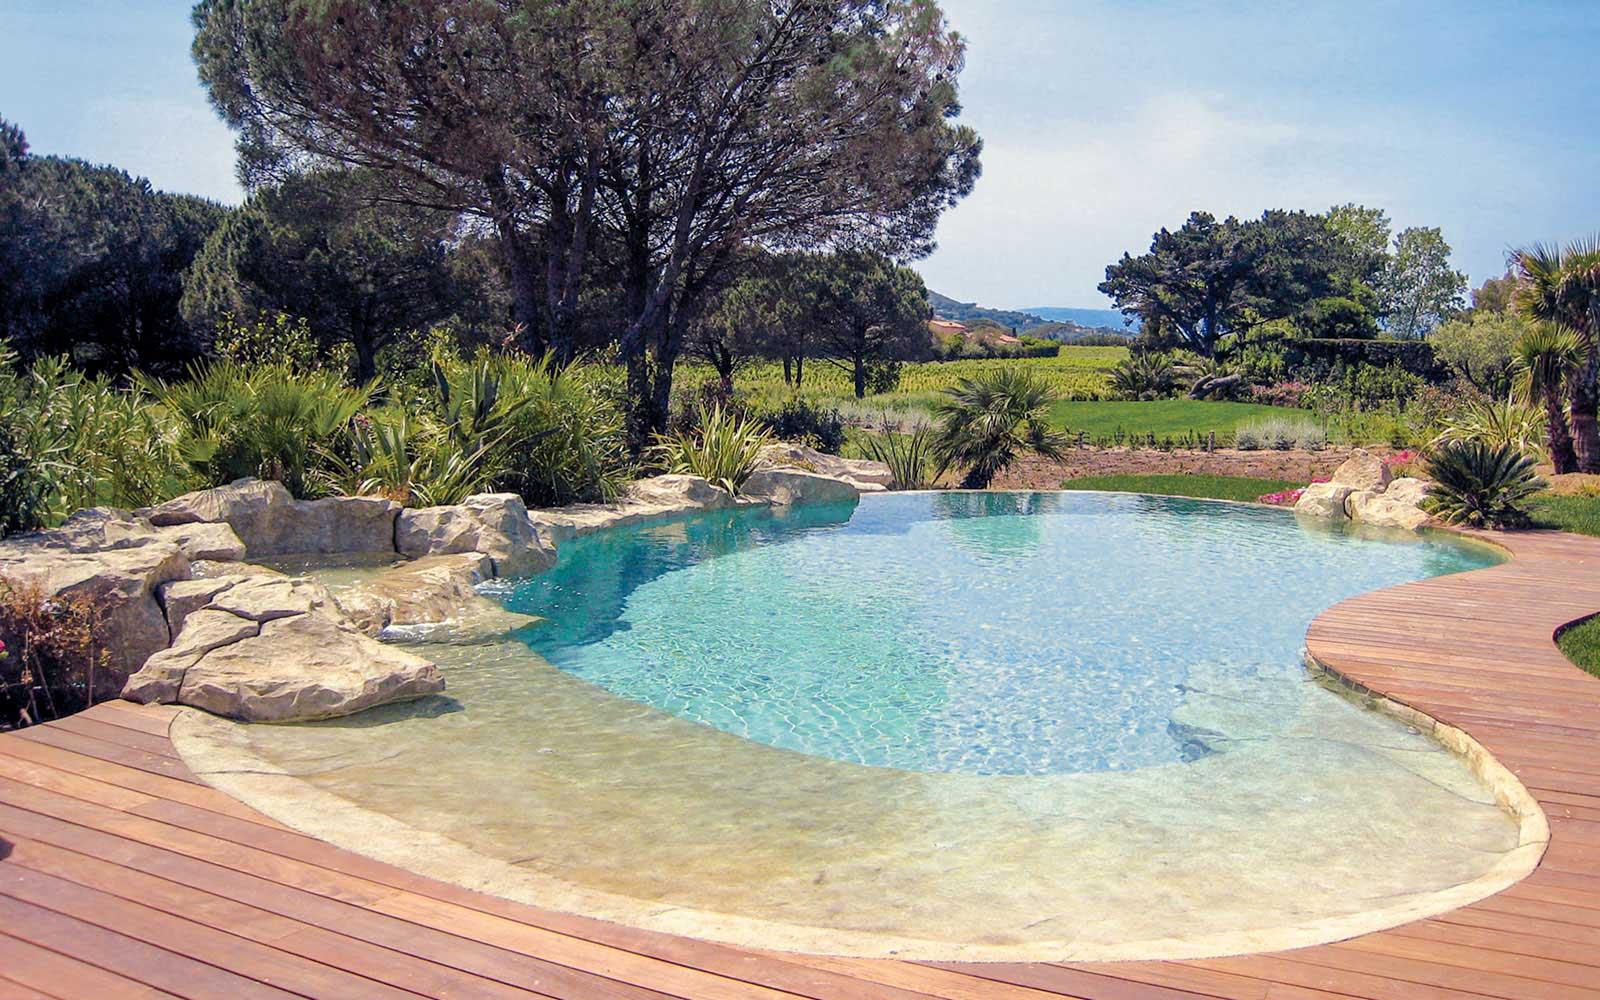 70 waterworld piscine avec plage immerg e et ponton bois for Piscine avec plage